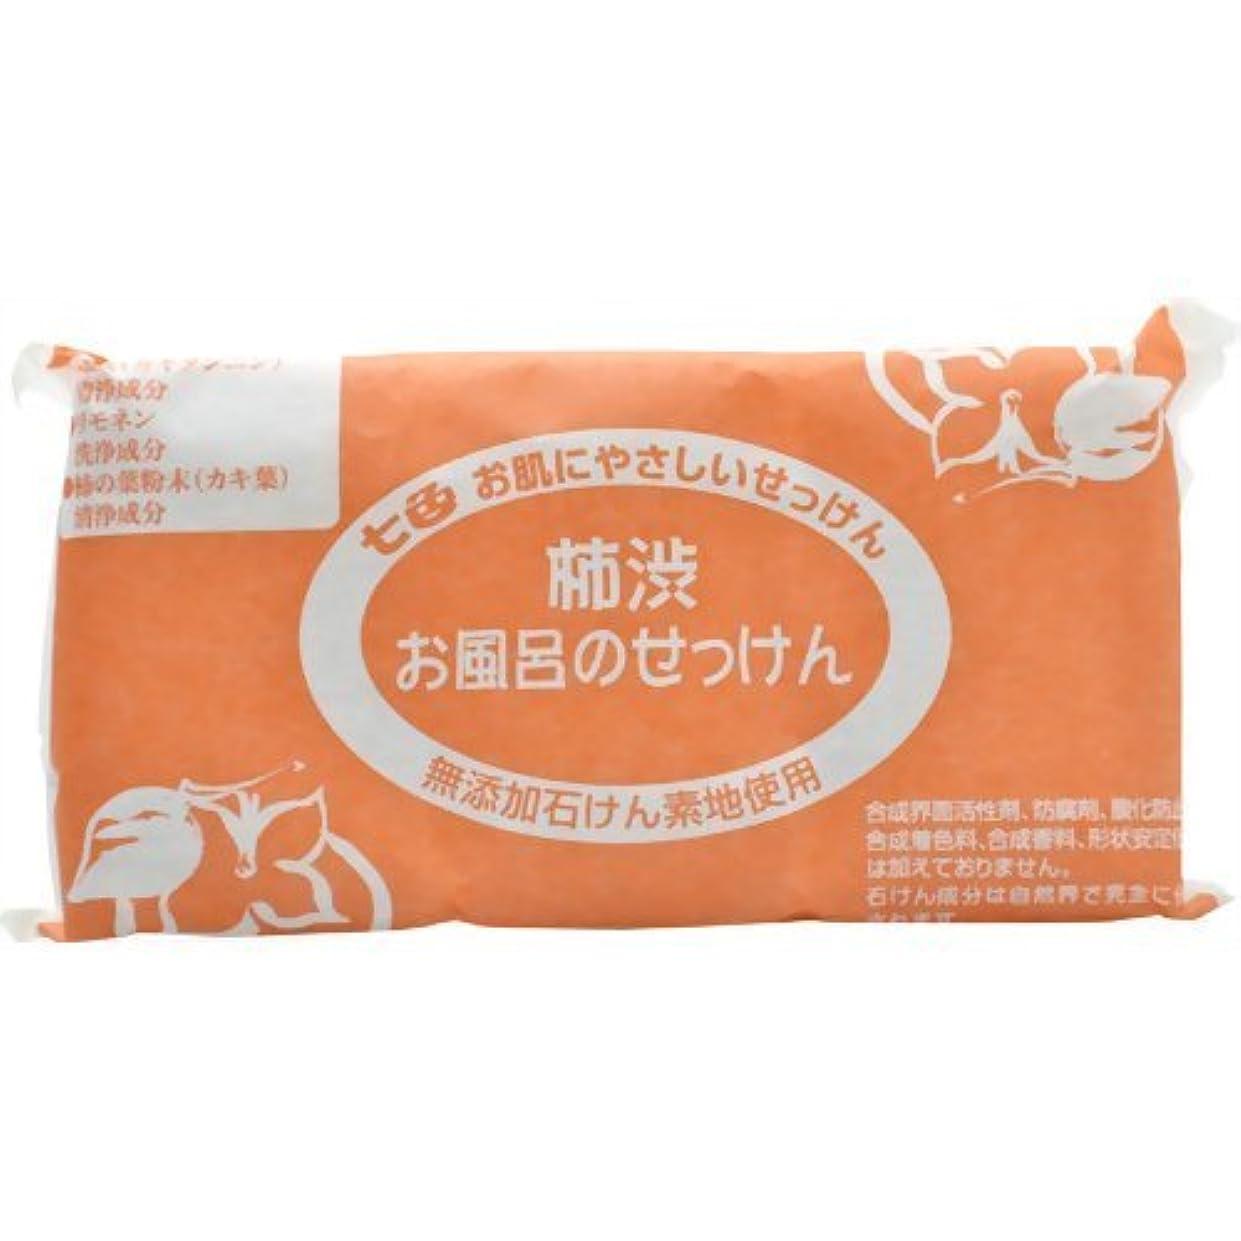 眠いです和解する間隔七色 お風呂のせっけん 柿渋(無添加石鹸) 100g×3個入